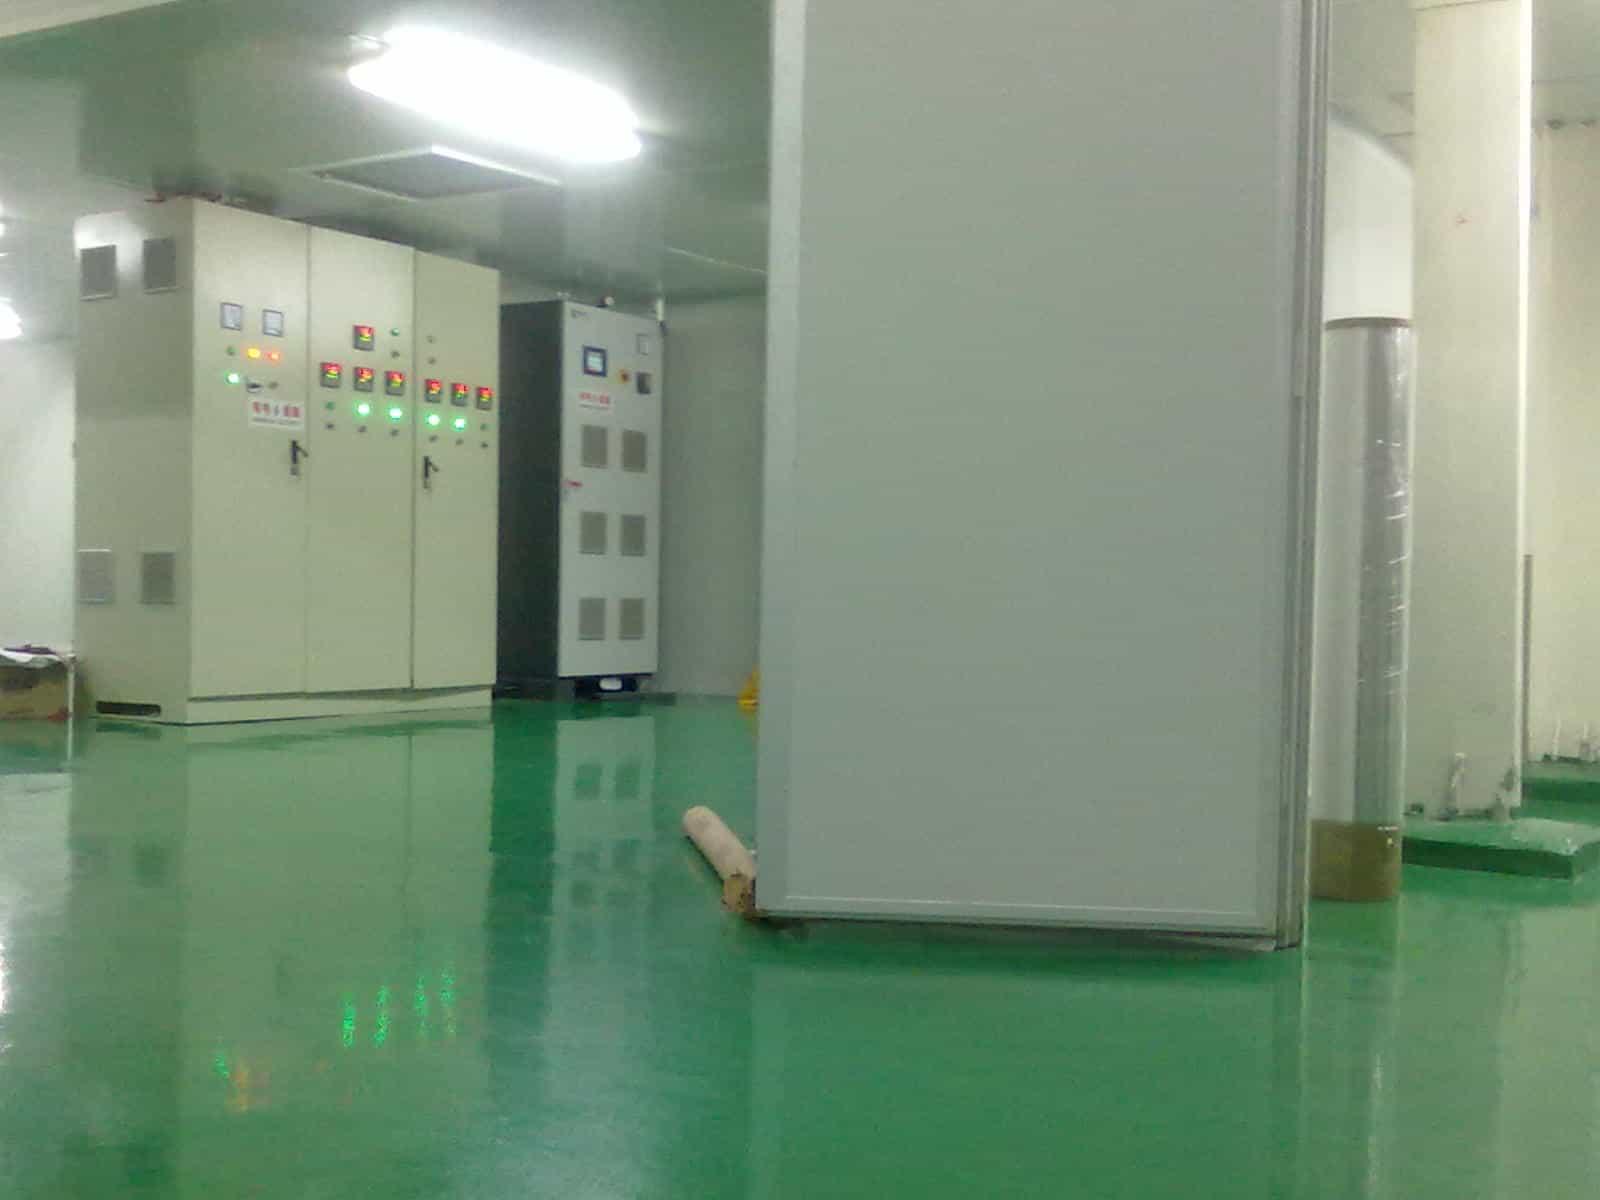 2-coater-uv6